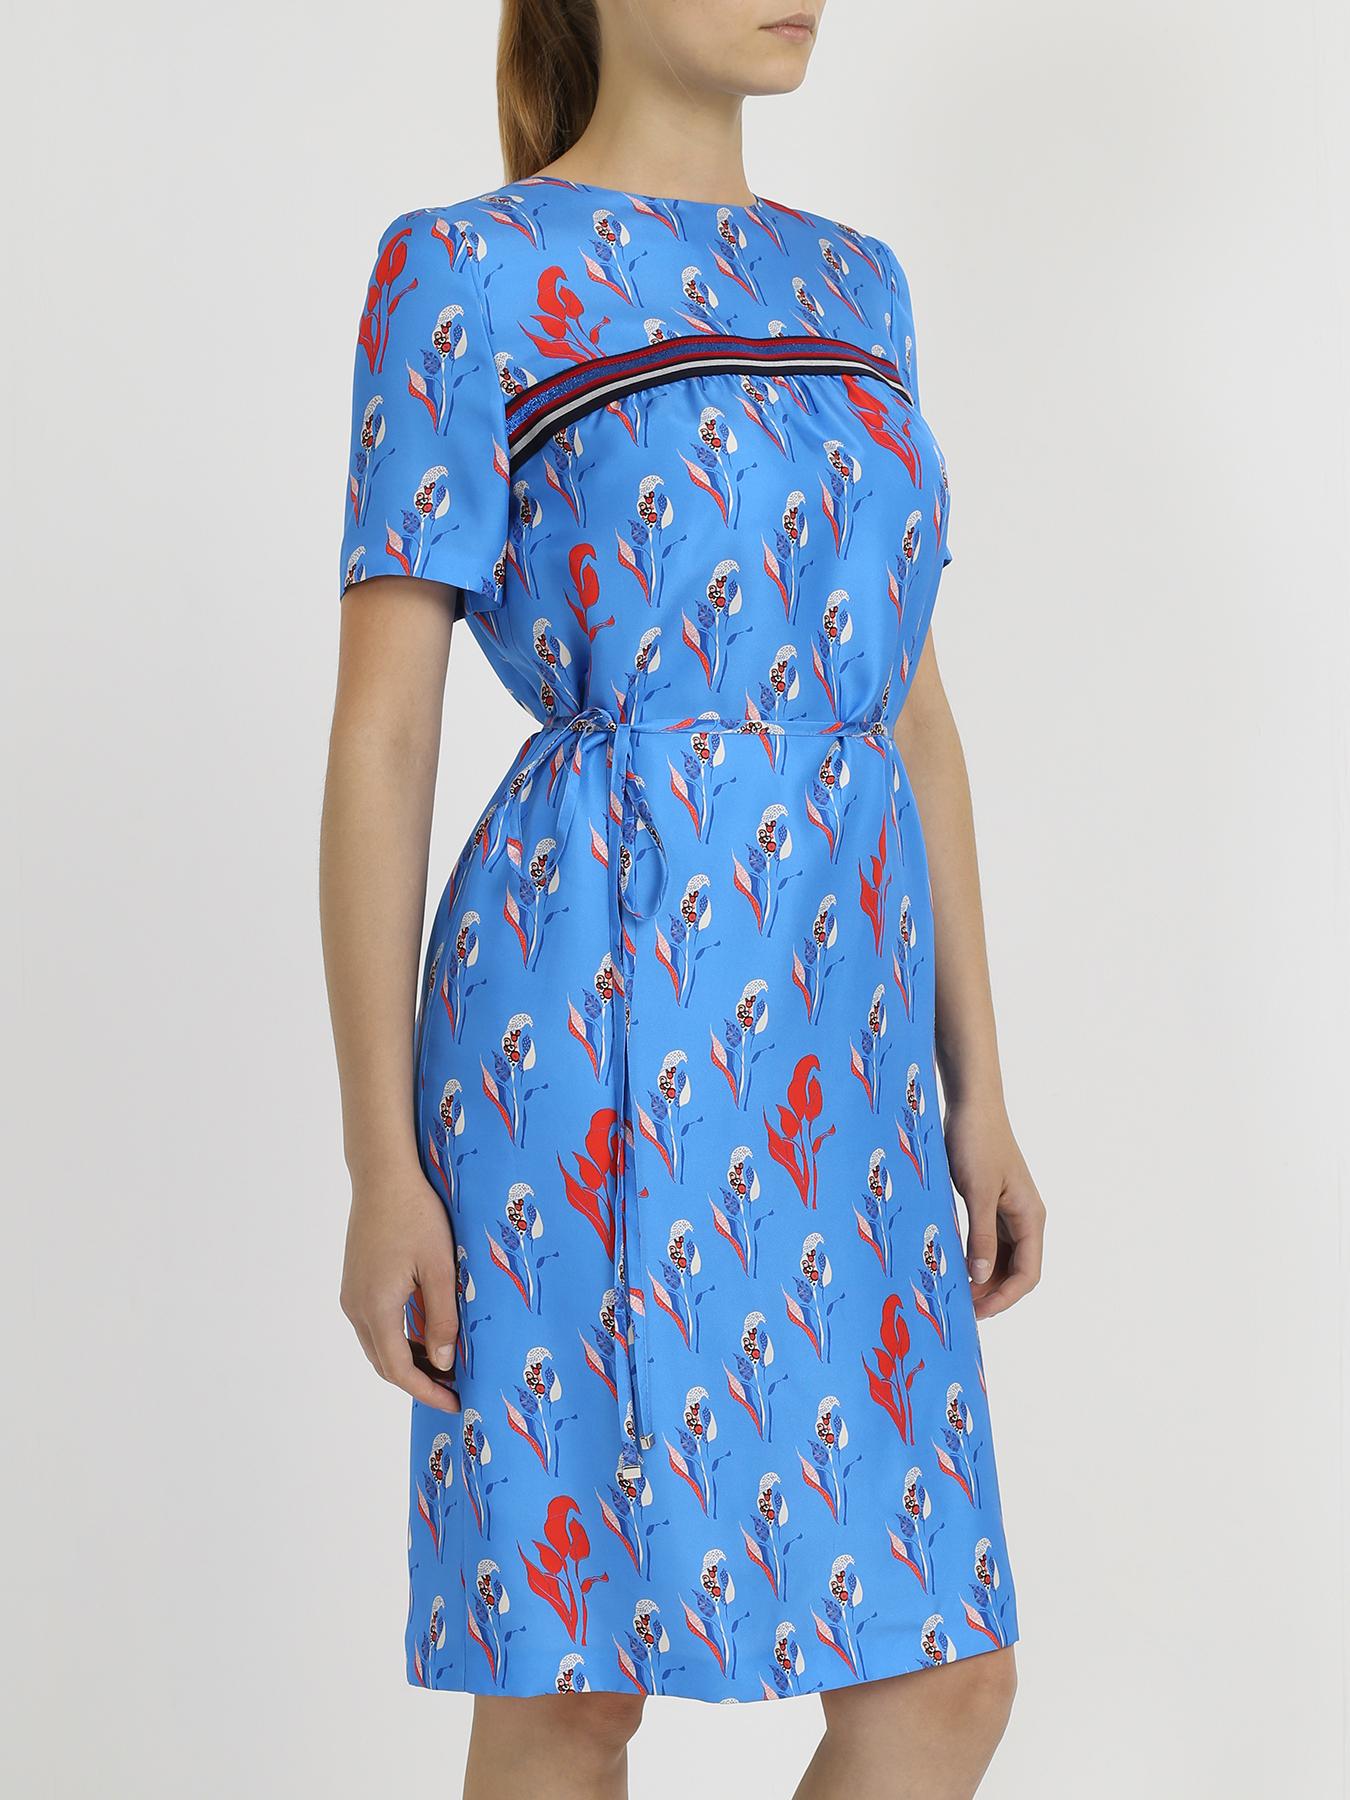 Платья Korpo Платье фото